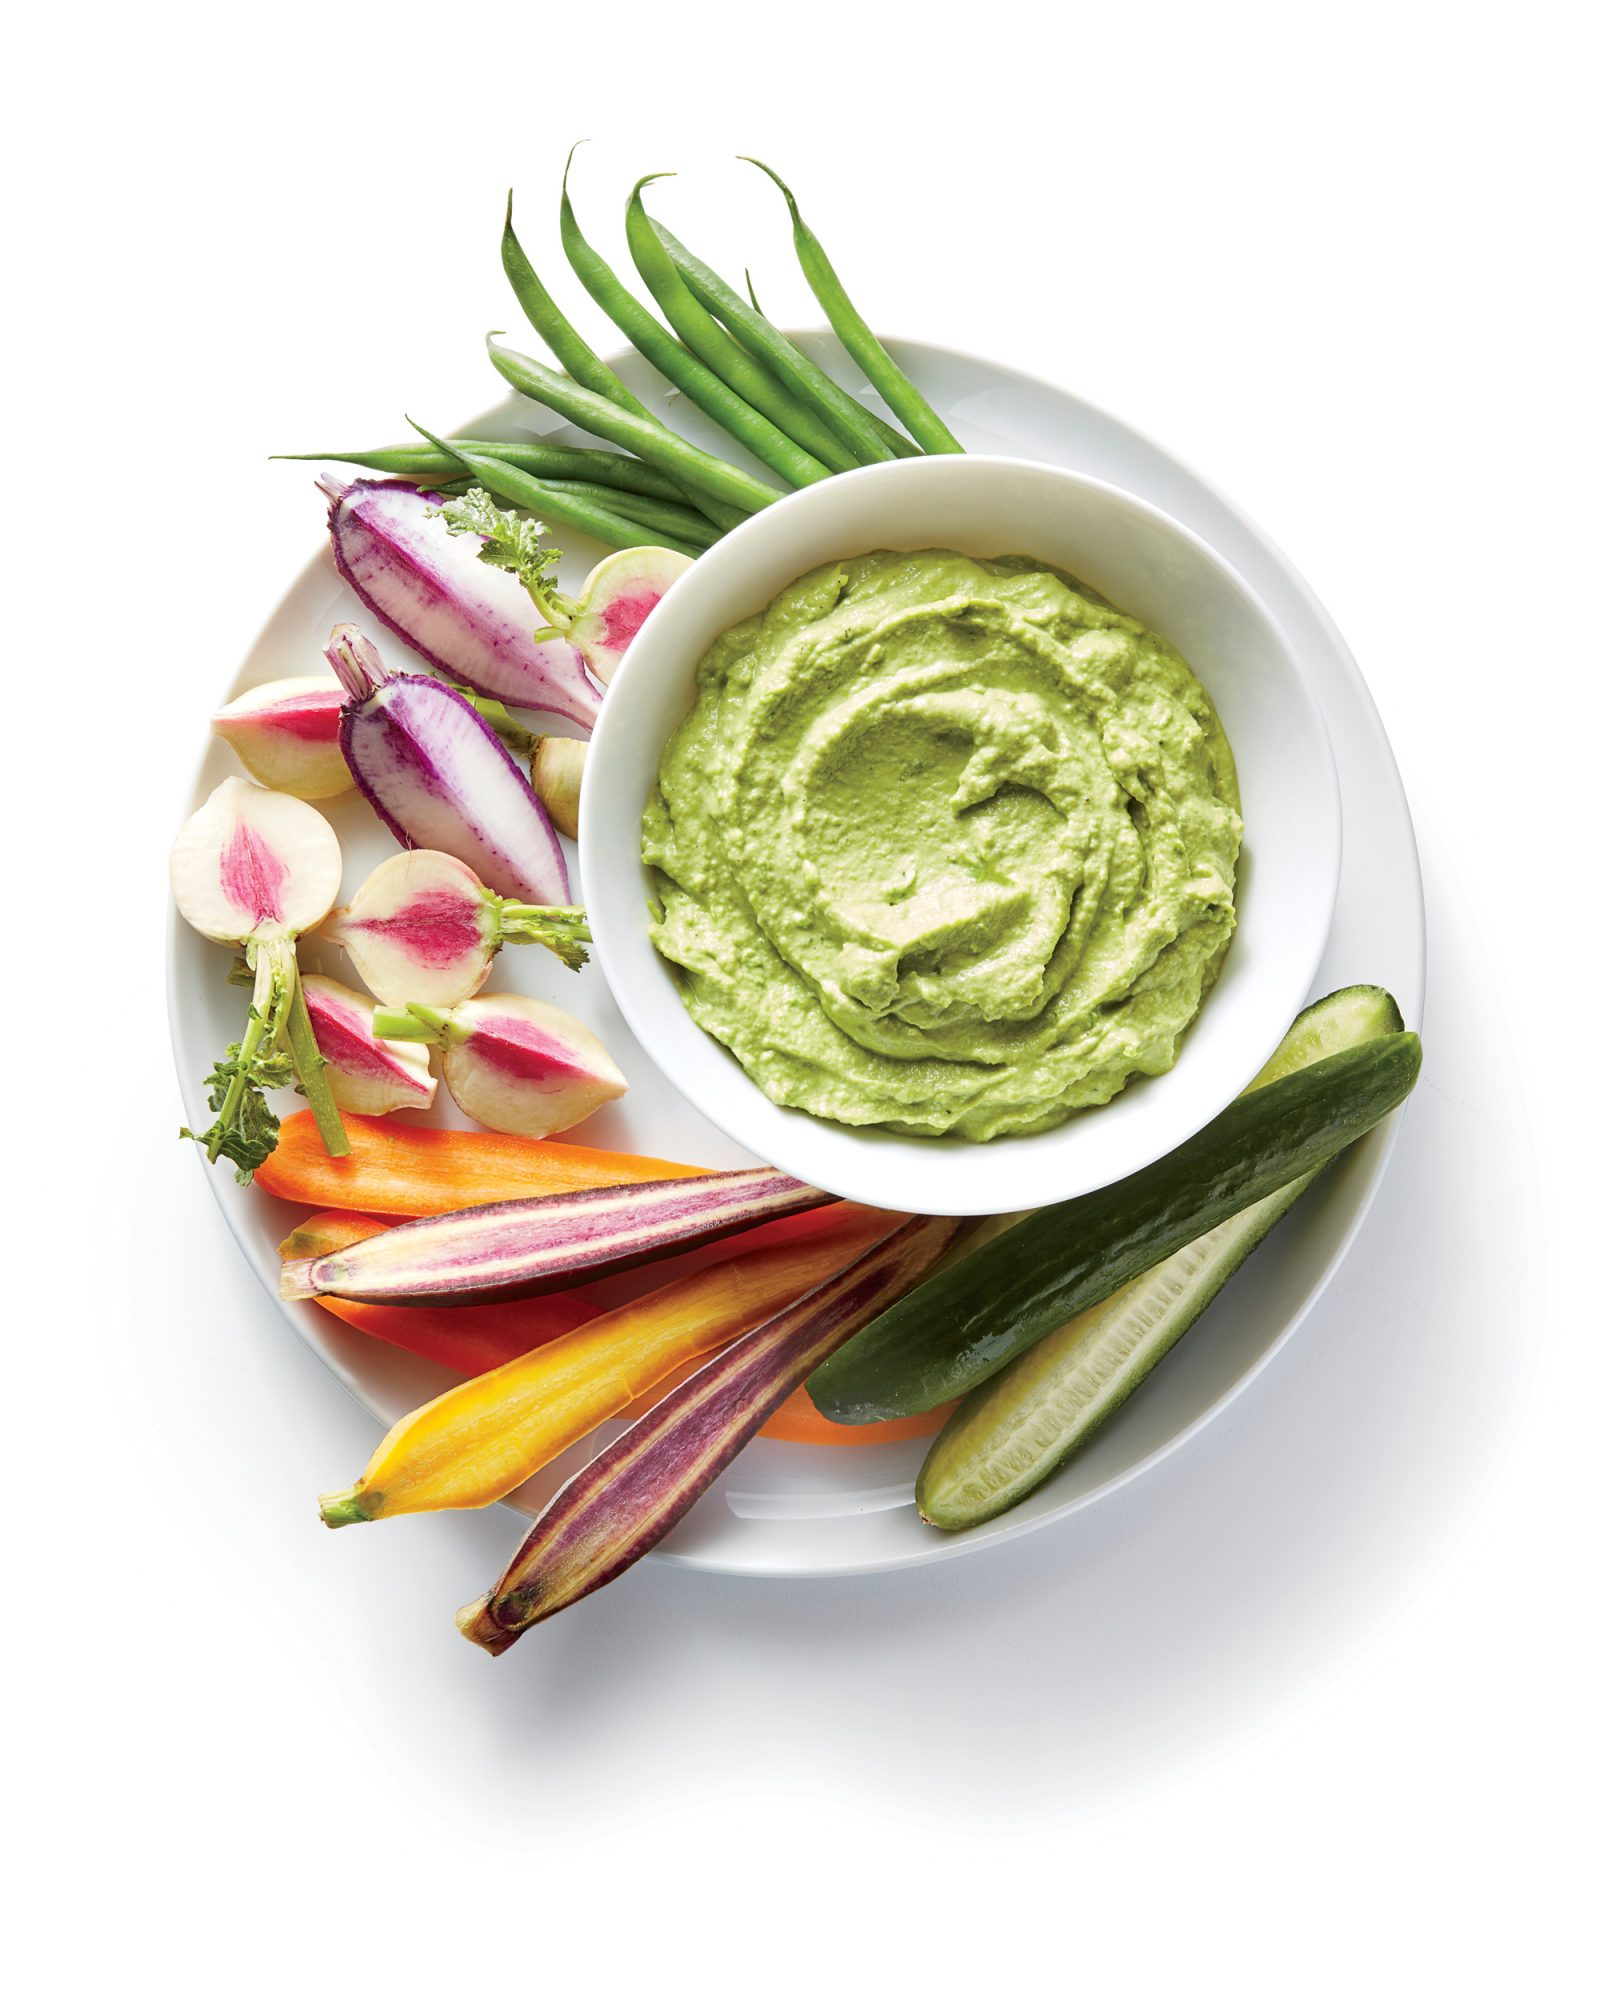 <p>Green Pea and Parsley Hummus</p>